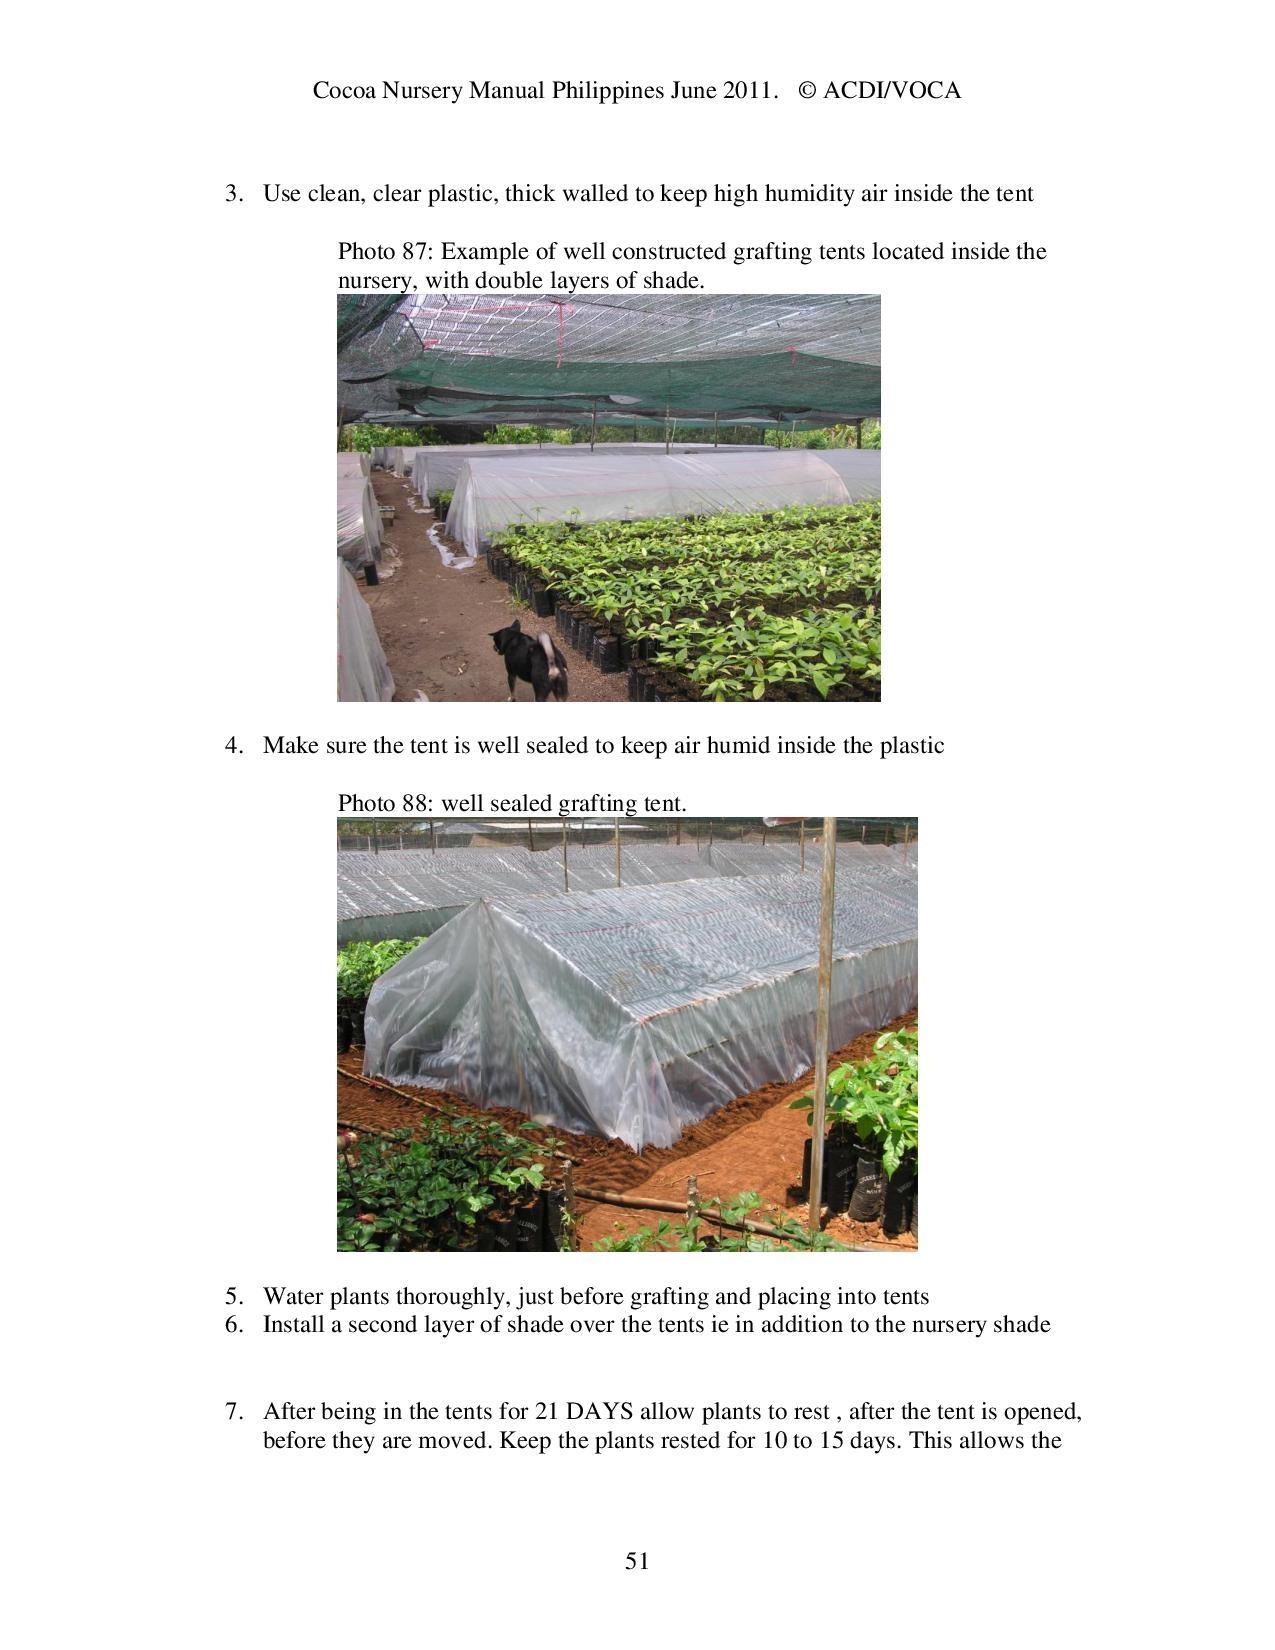 Cocoa-Nursery-Manual-2011_acdi-voca-page-051